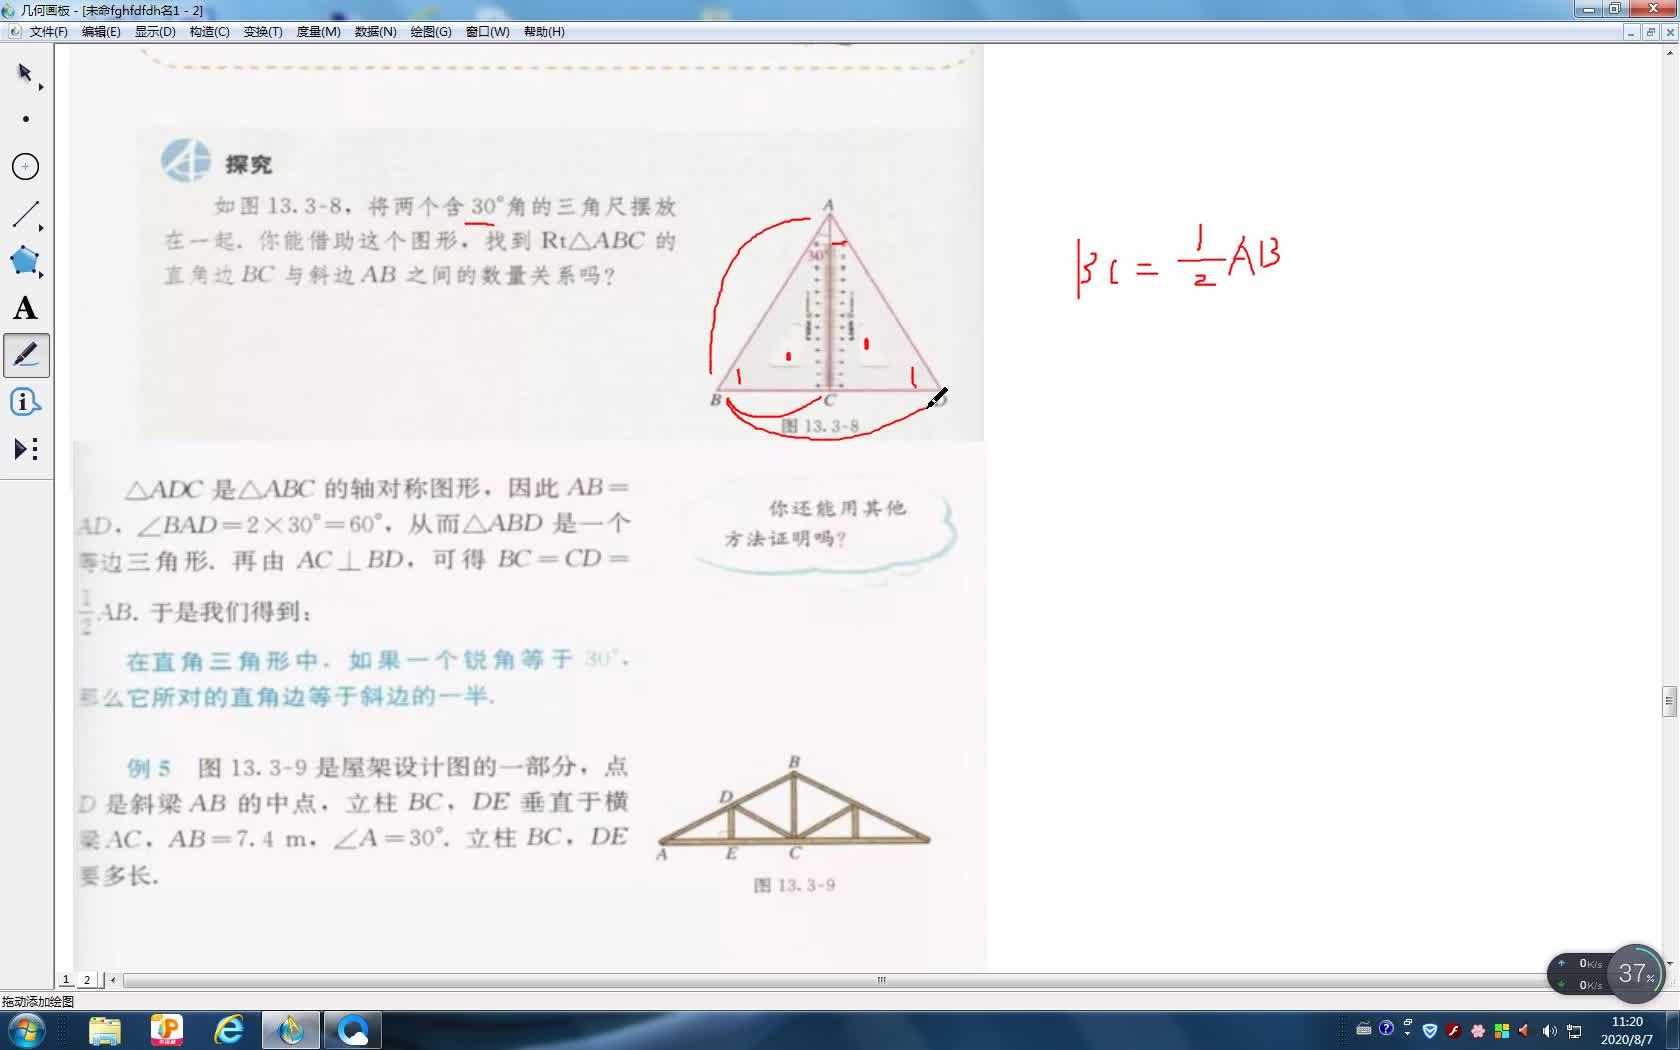 人教版八年级上册  13.3.1等腰三角形(4)  视频讲解人教版八年级上册  13.3.1等腰三角形(4)  视频讲解人教版八年级上册  13.3.1等腰三角形(4)  视频讲解人教版八年级上册  13.3.1等腰三角形(4)  视频讲解